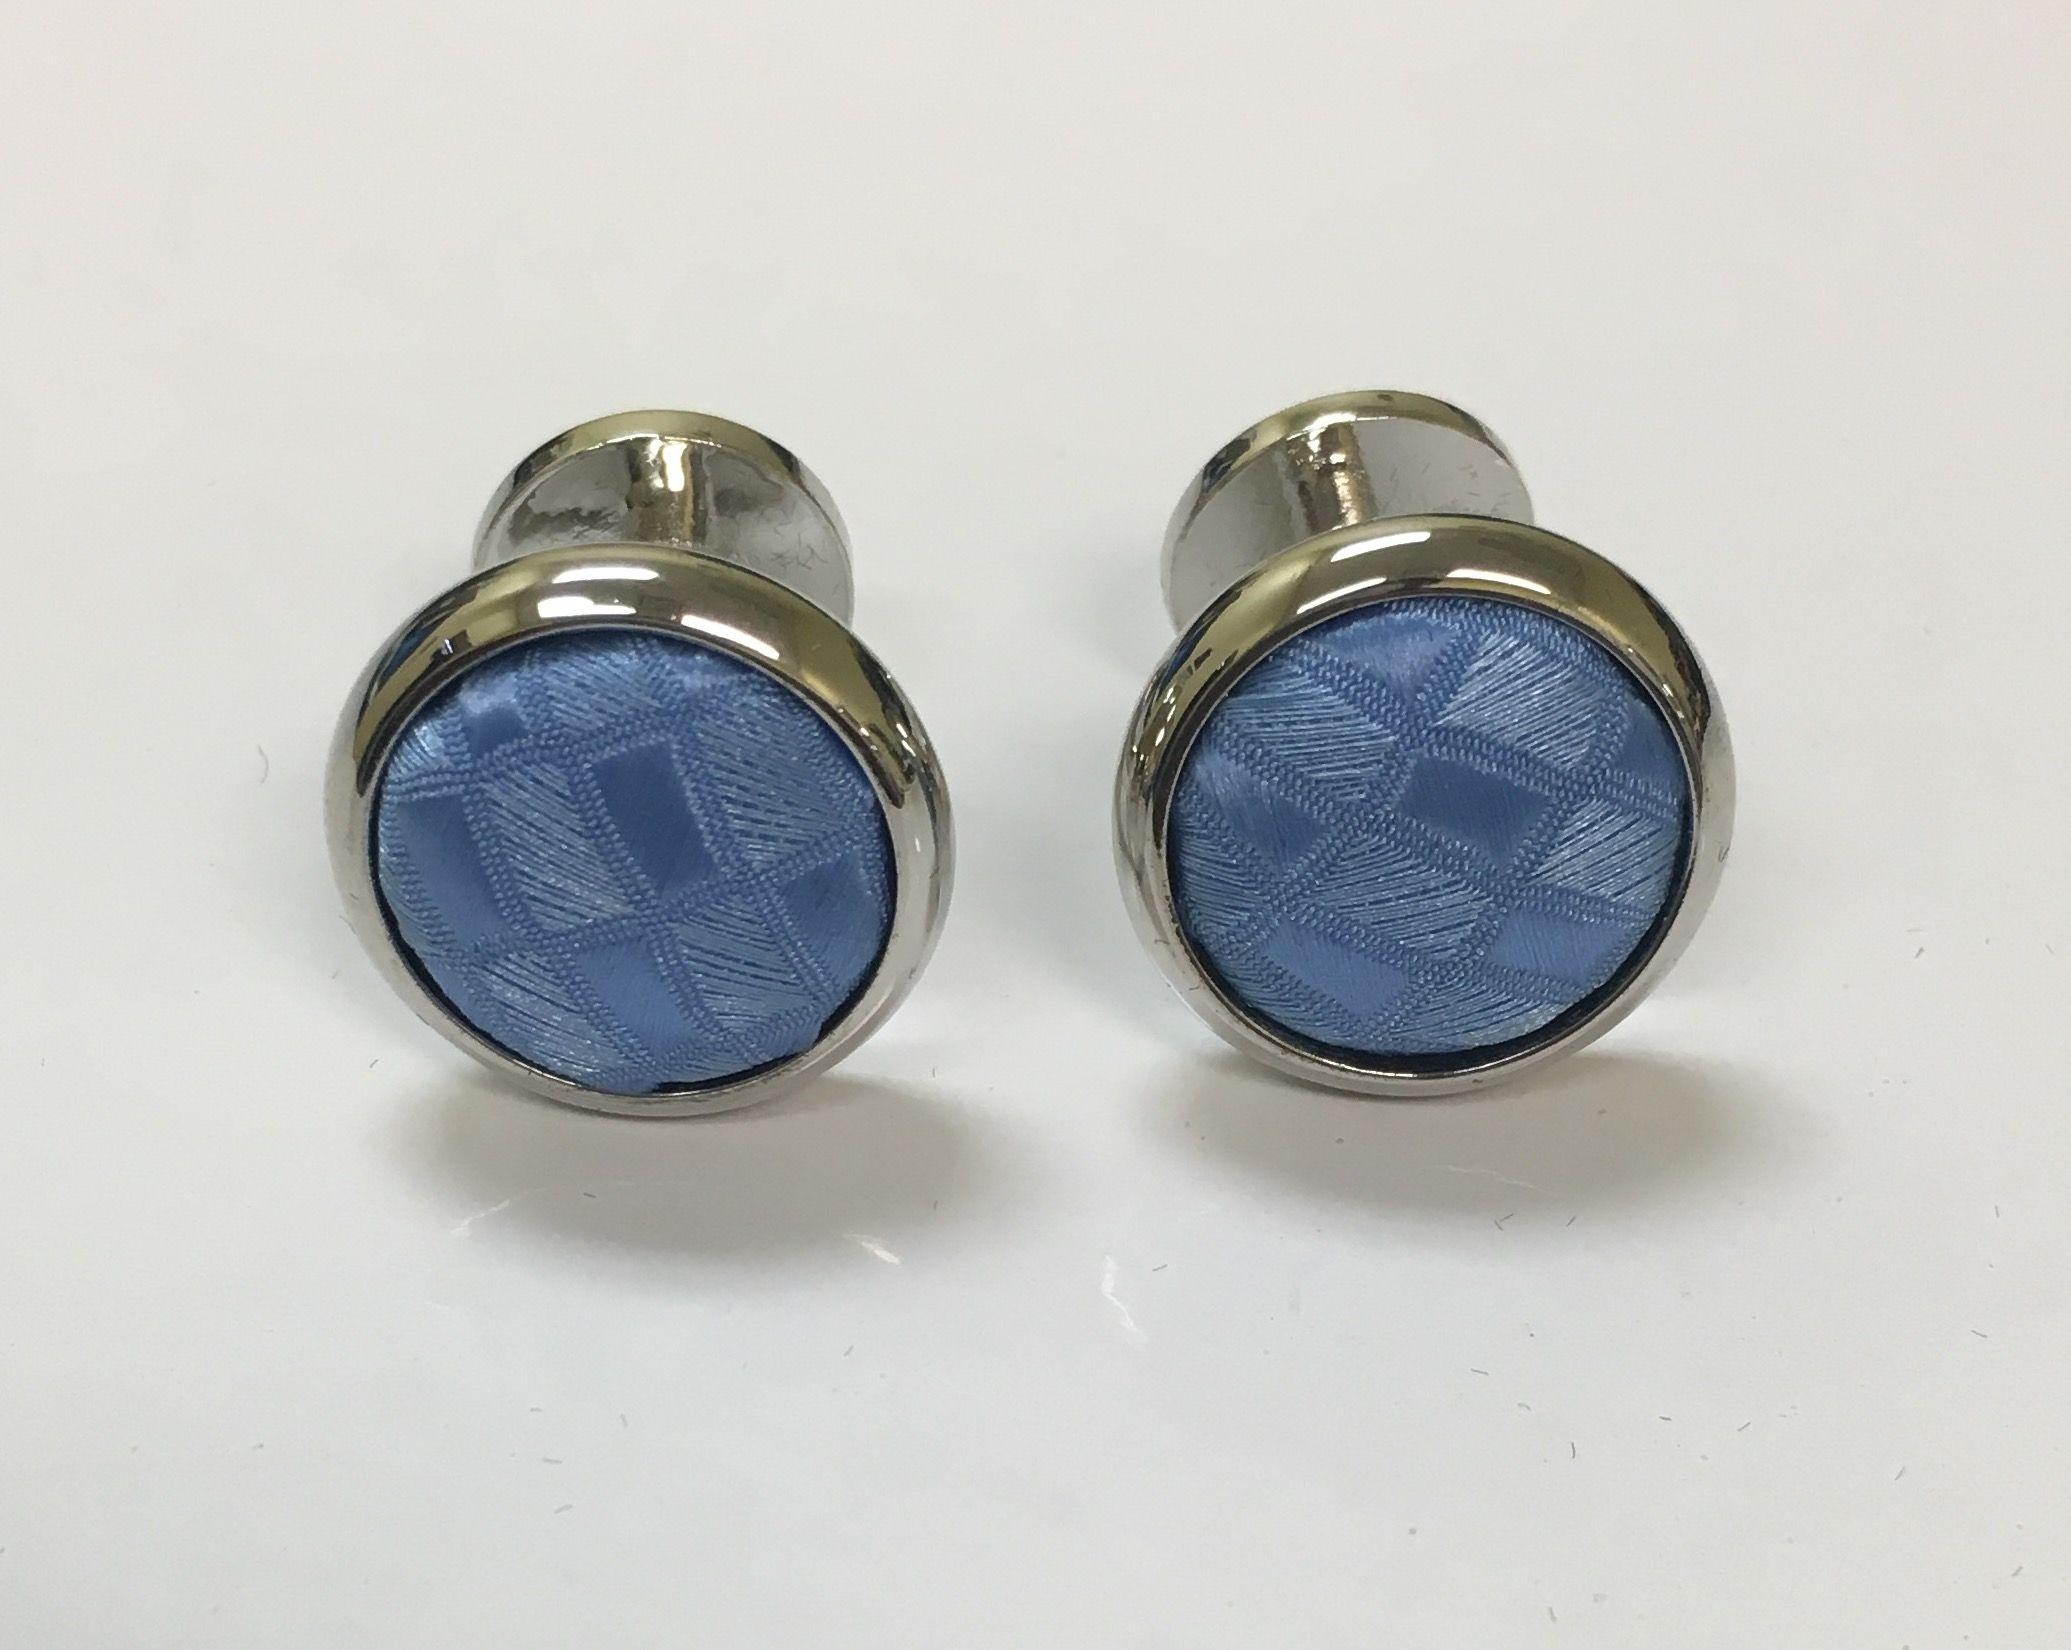 2 Pc. Exquisite Fabric Cufflinks - Blue